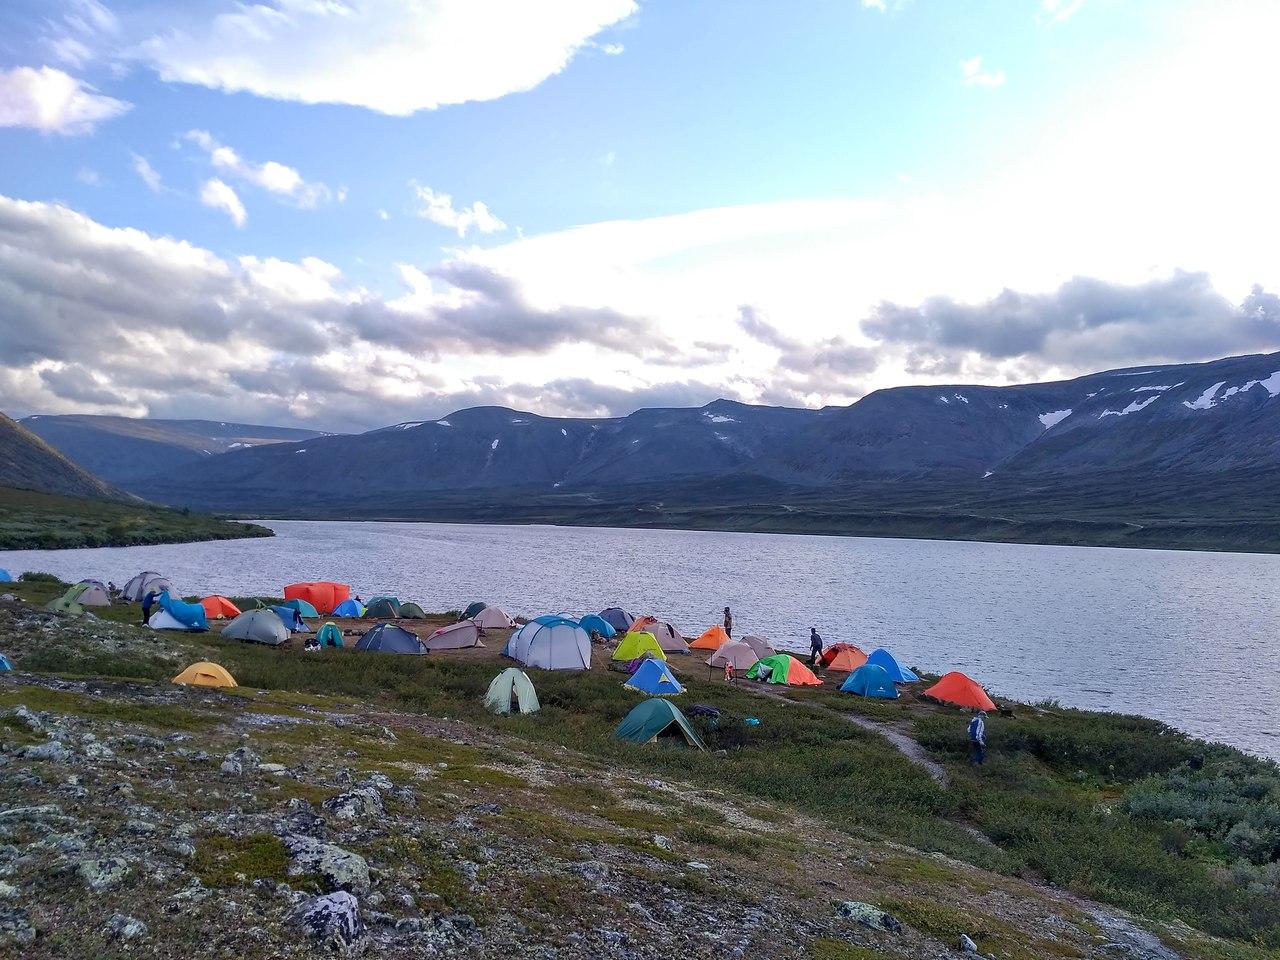 Наш палаточный лагерь на Берегу озера Балбанты. На заднем плане хребет Малдынырд